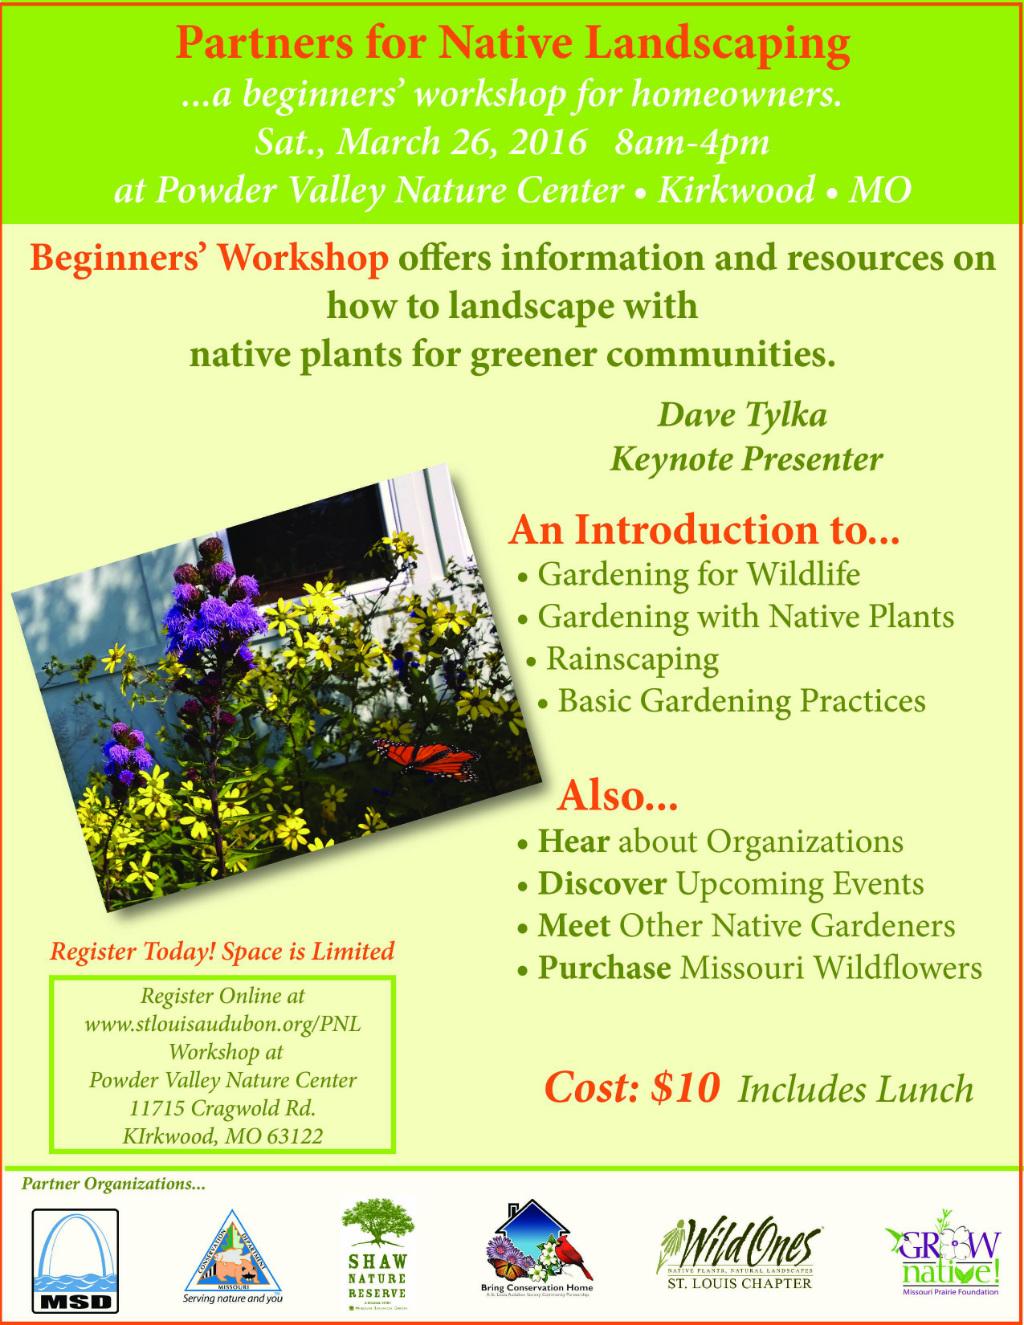 Partners-Native-Landscaping-Workshop-Flier 2016